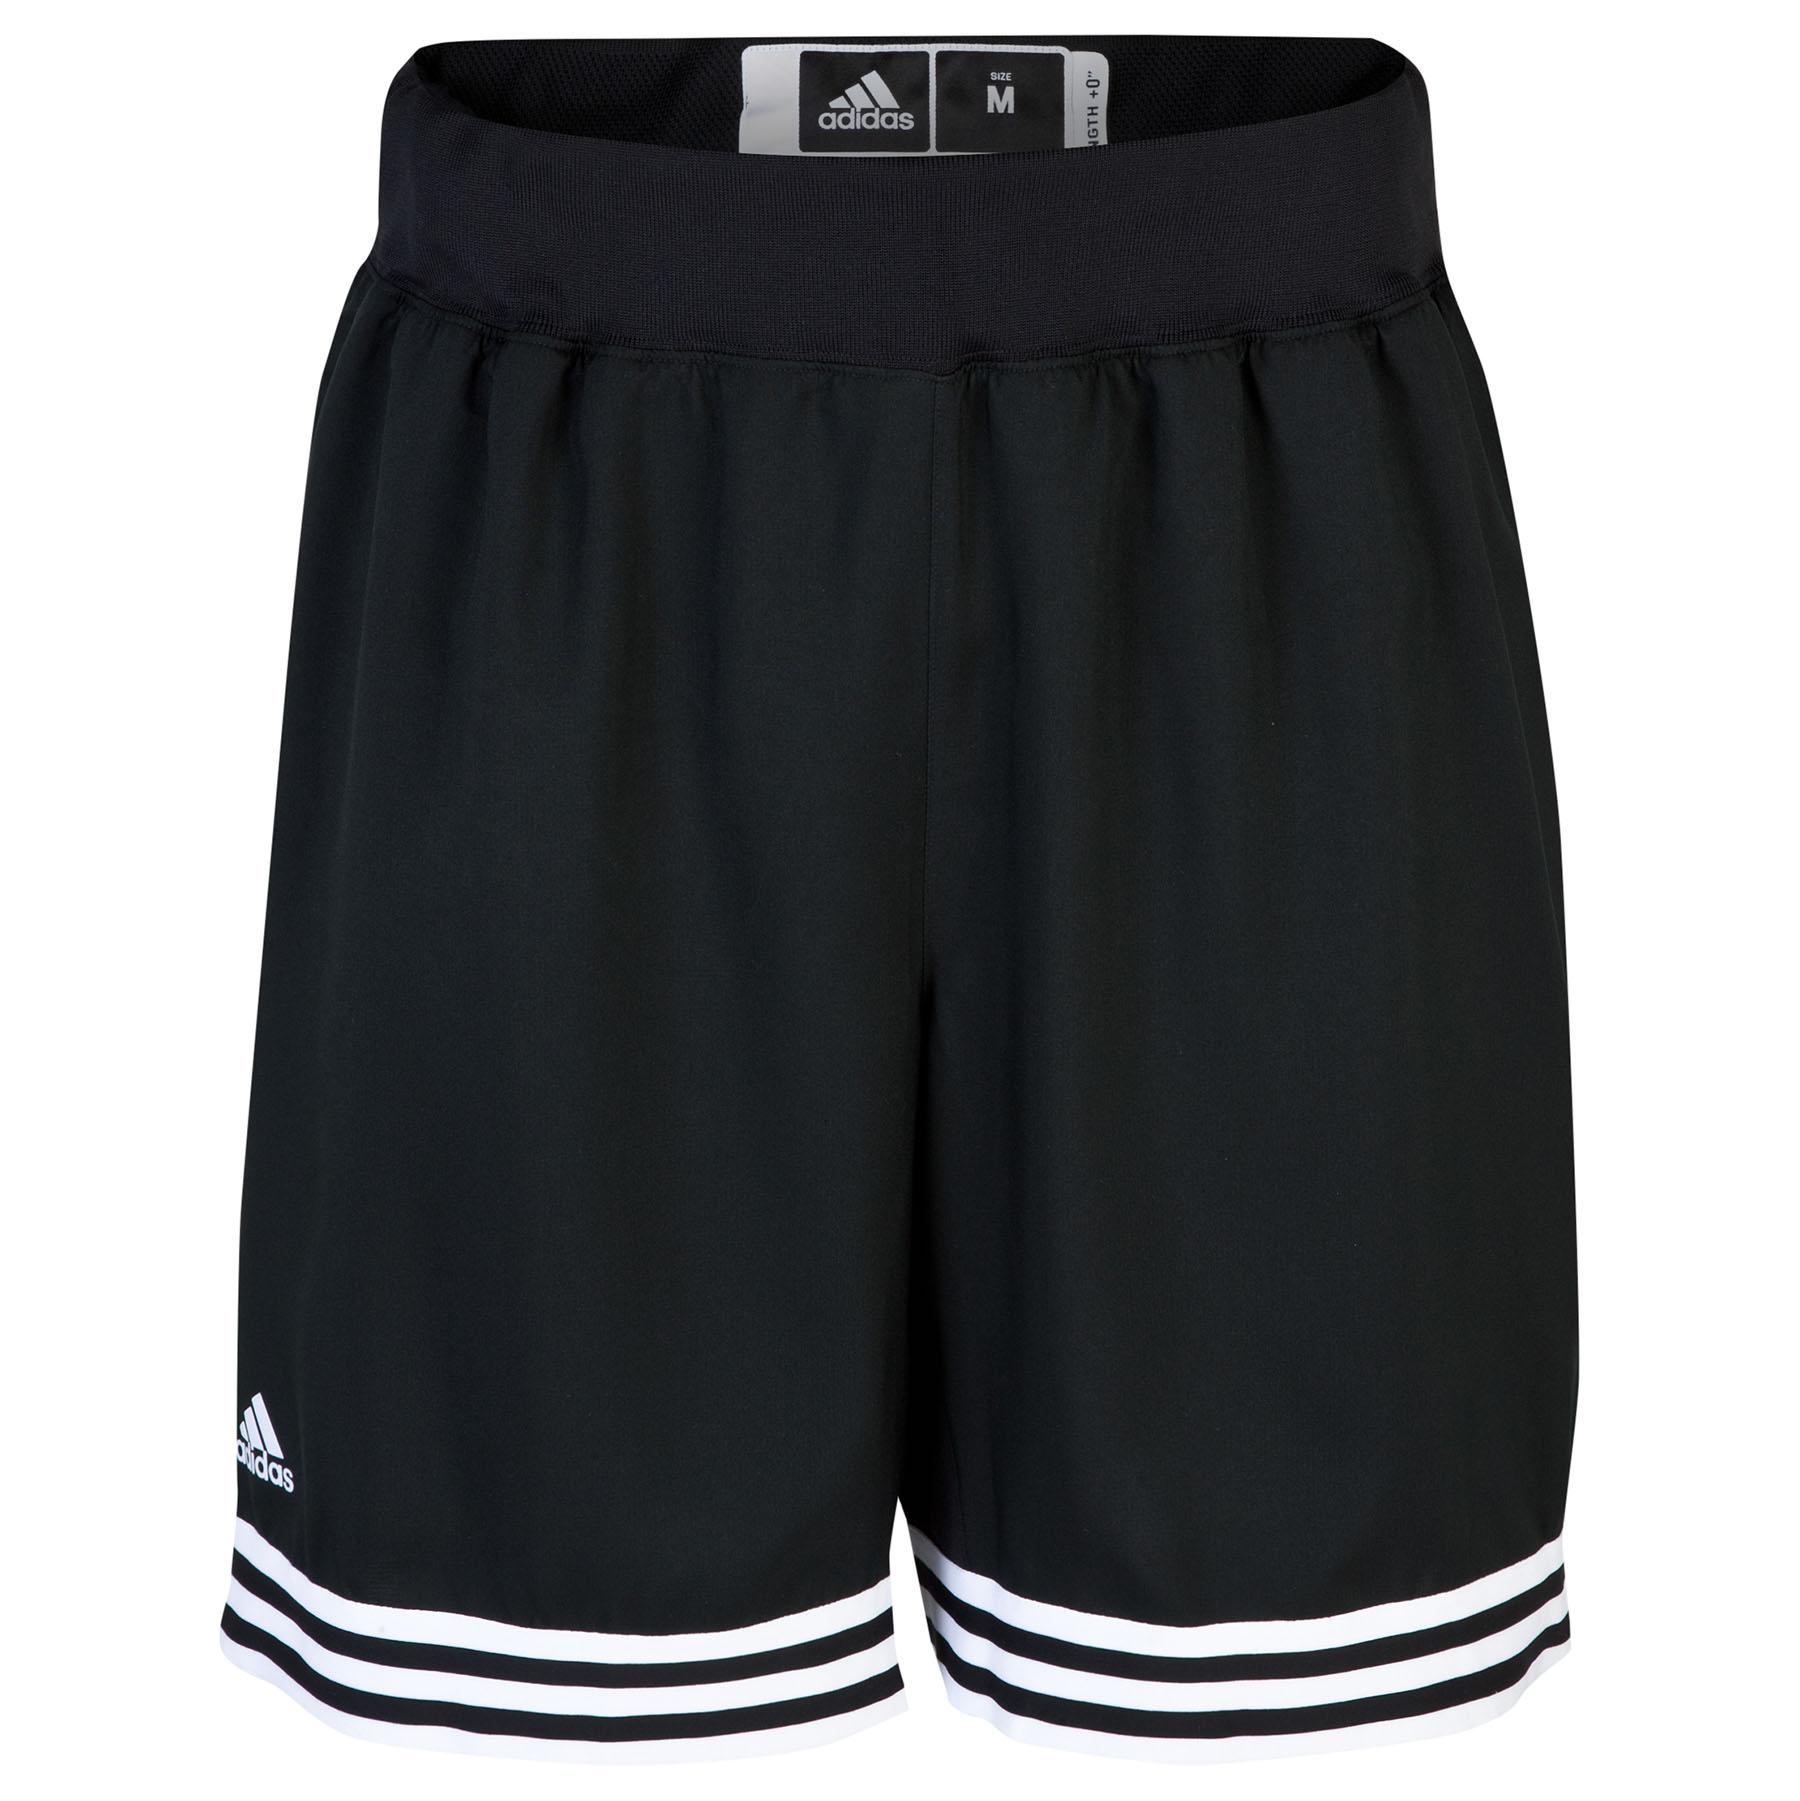 Real Madrid Away Basketball Shorts